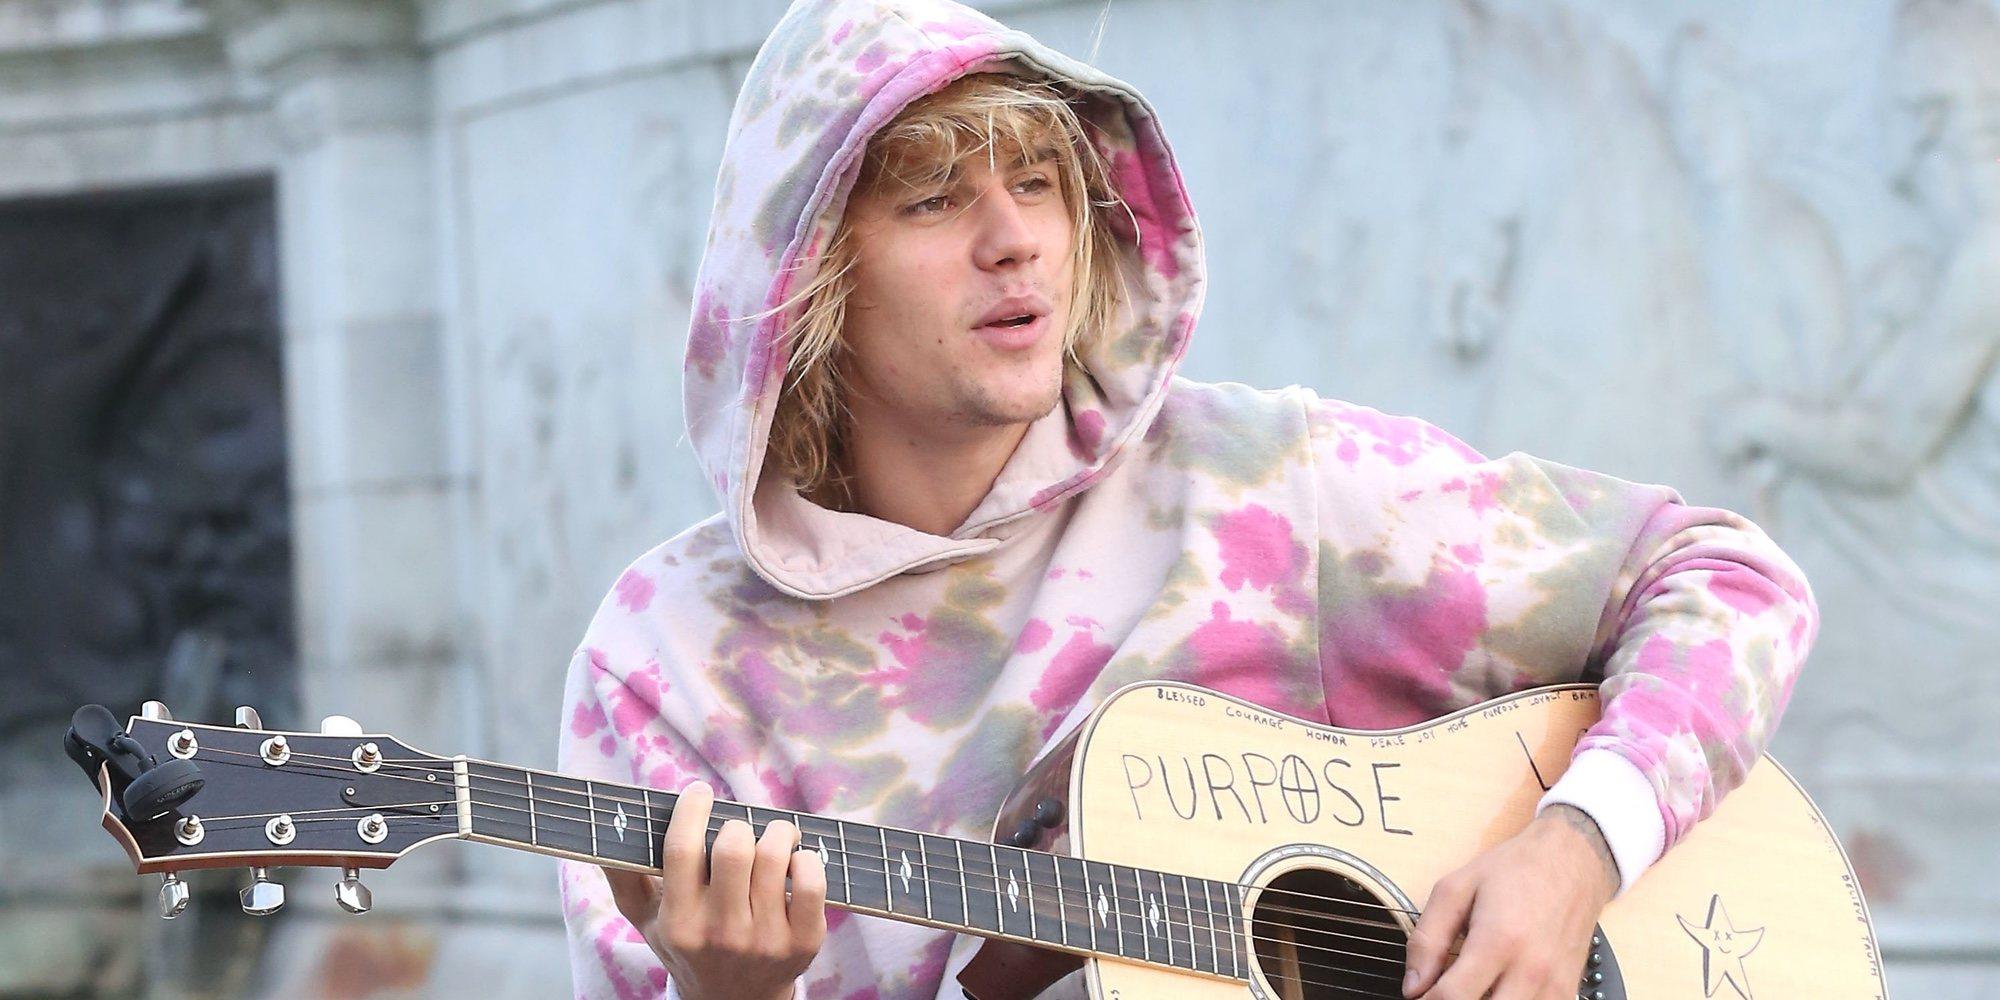 El emocionante mensaje de Justin Bieber sobre su depresión